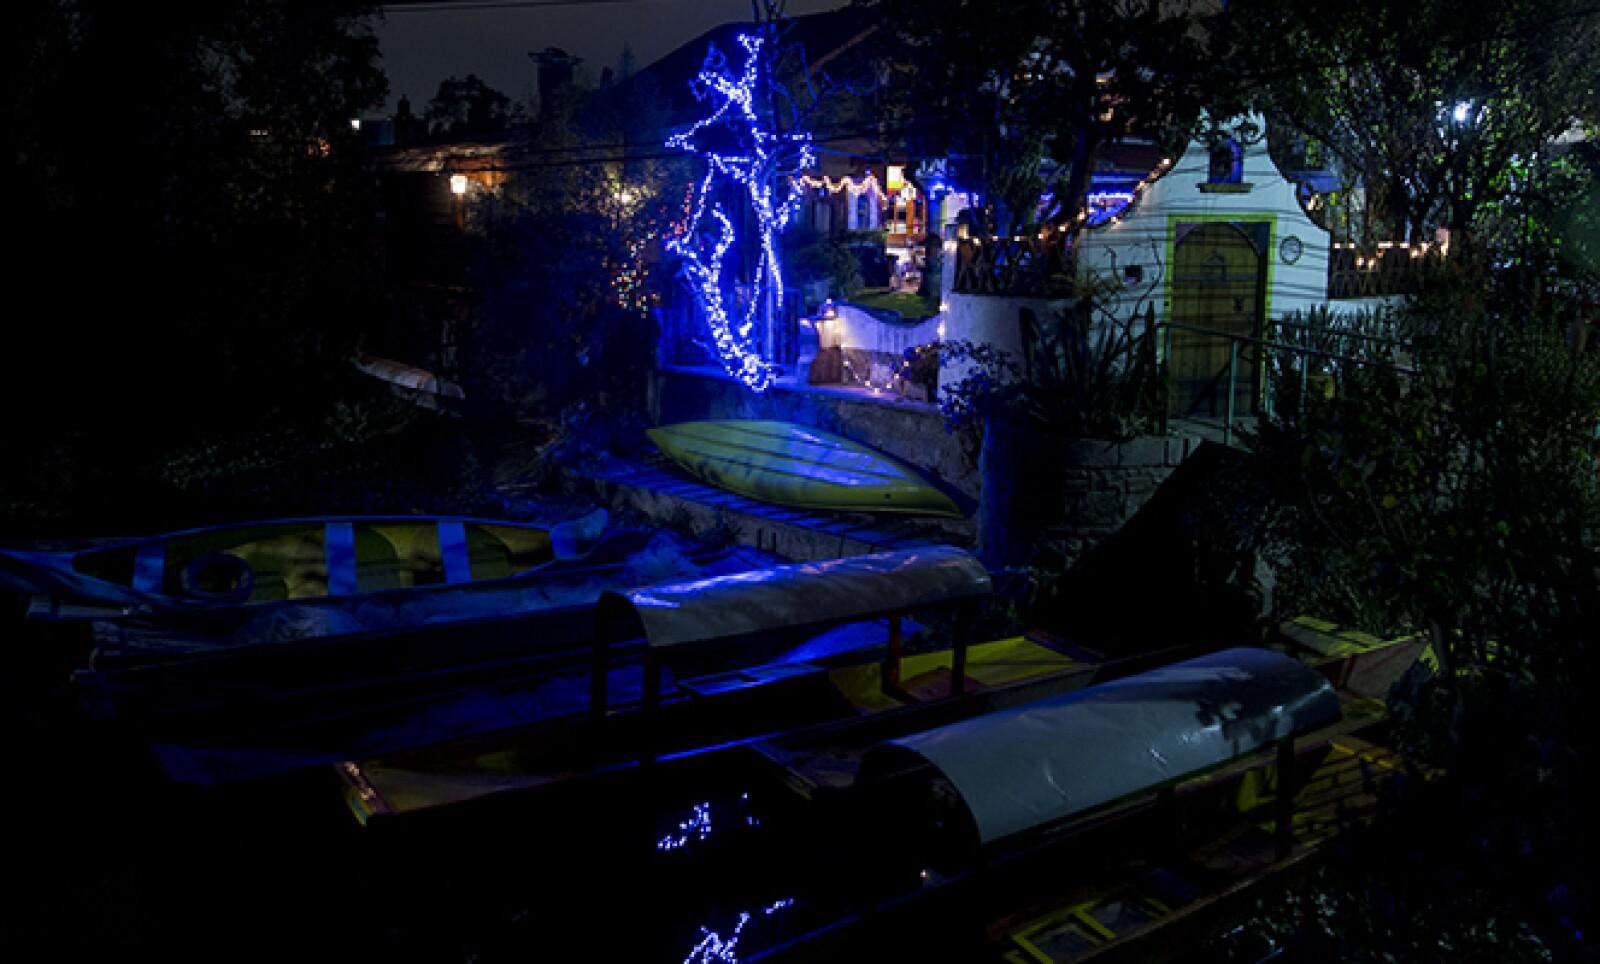 Las luces alumbran a algunas trajineras en las orillas del Lago de Xochimilco.